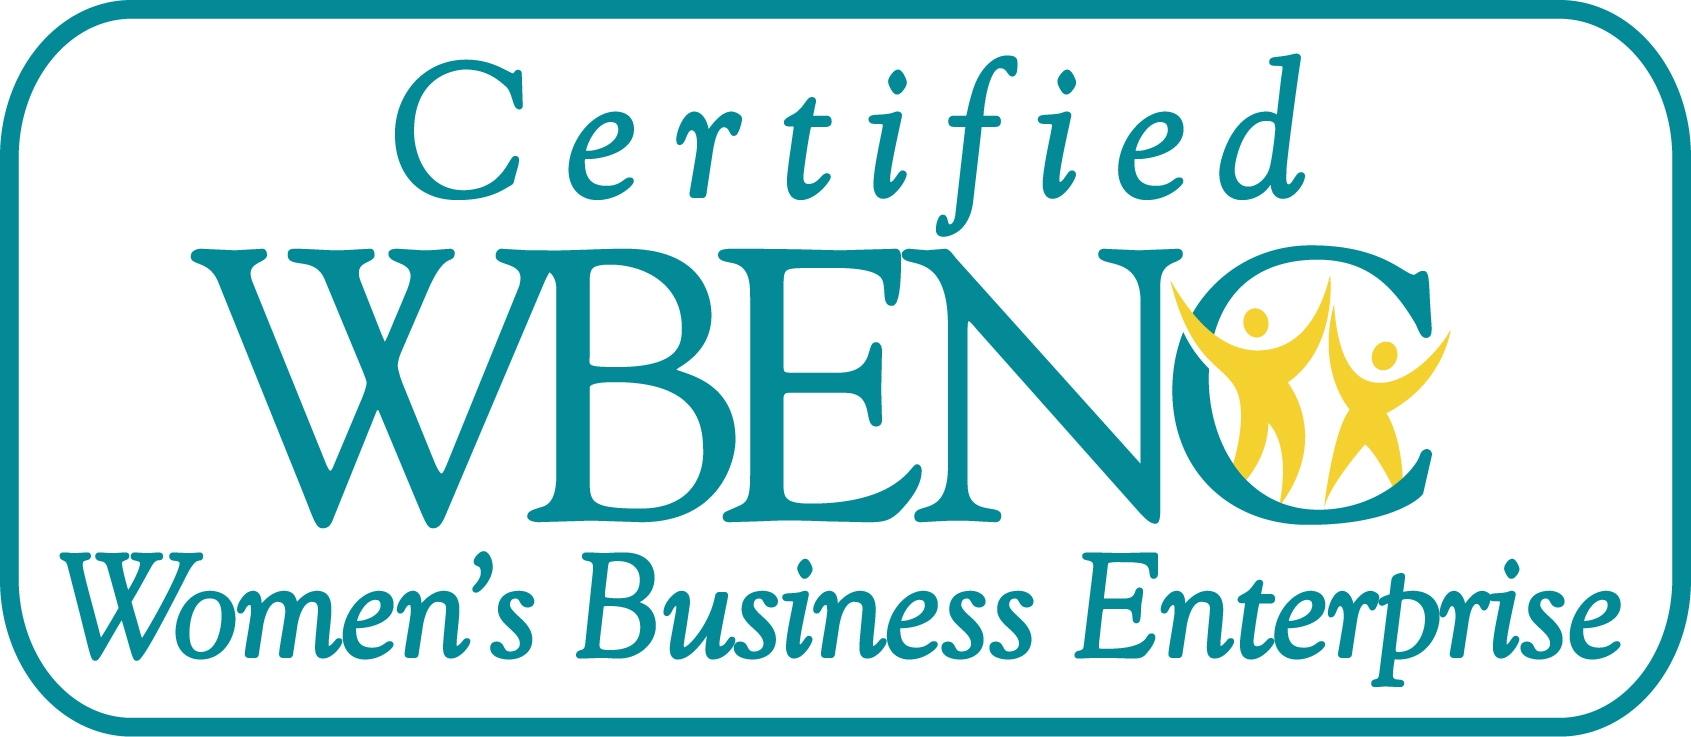 WBENC - Women's Business Enterprise National Council